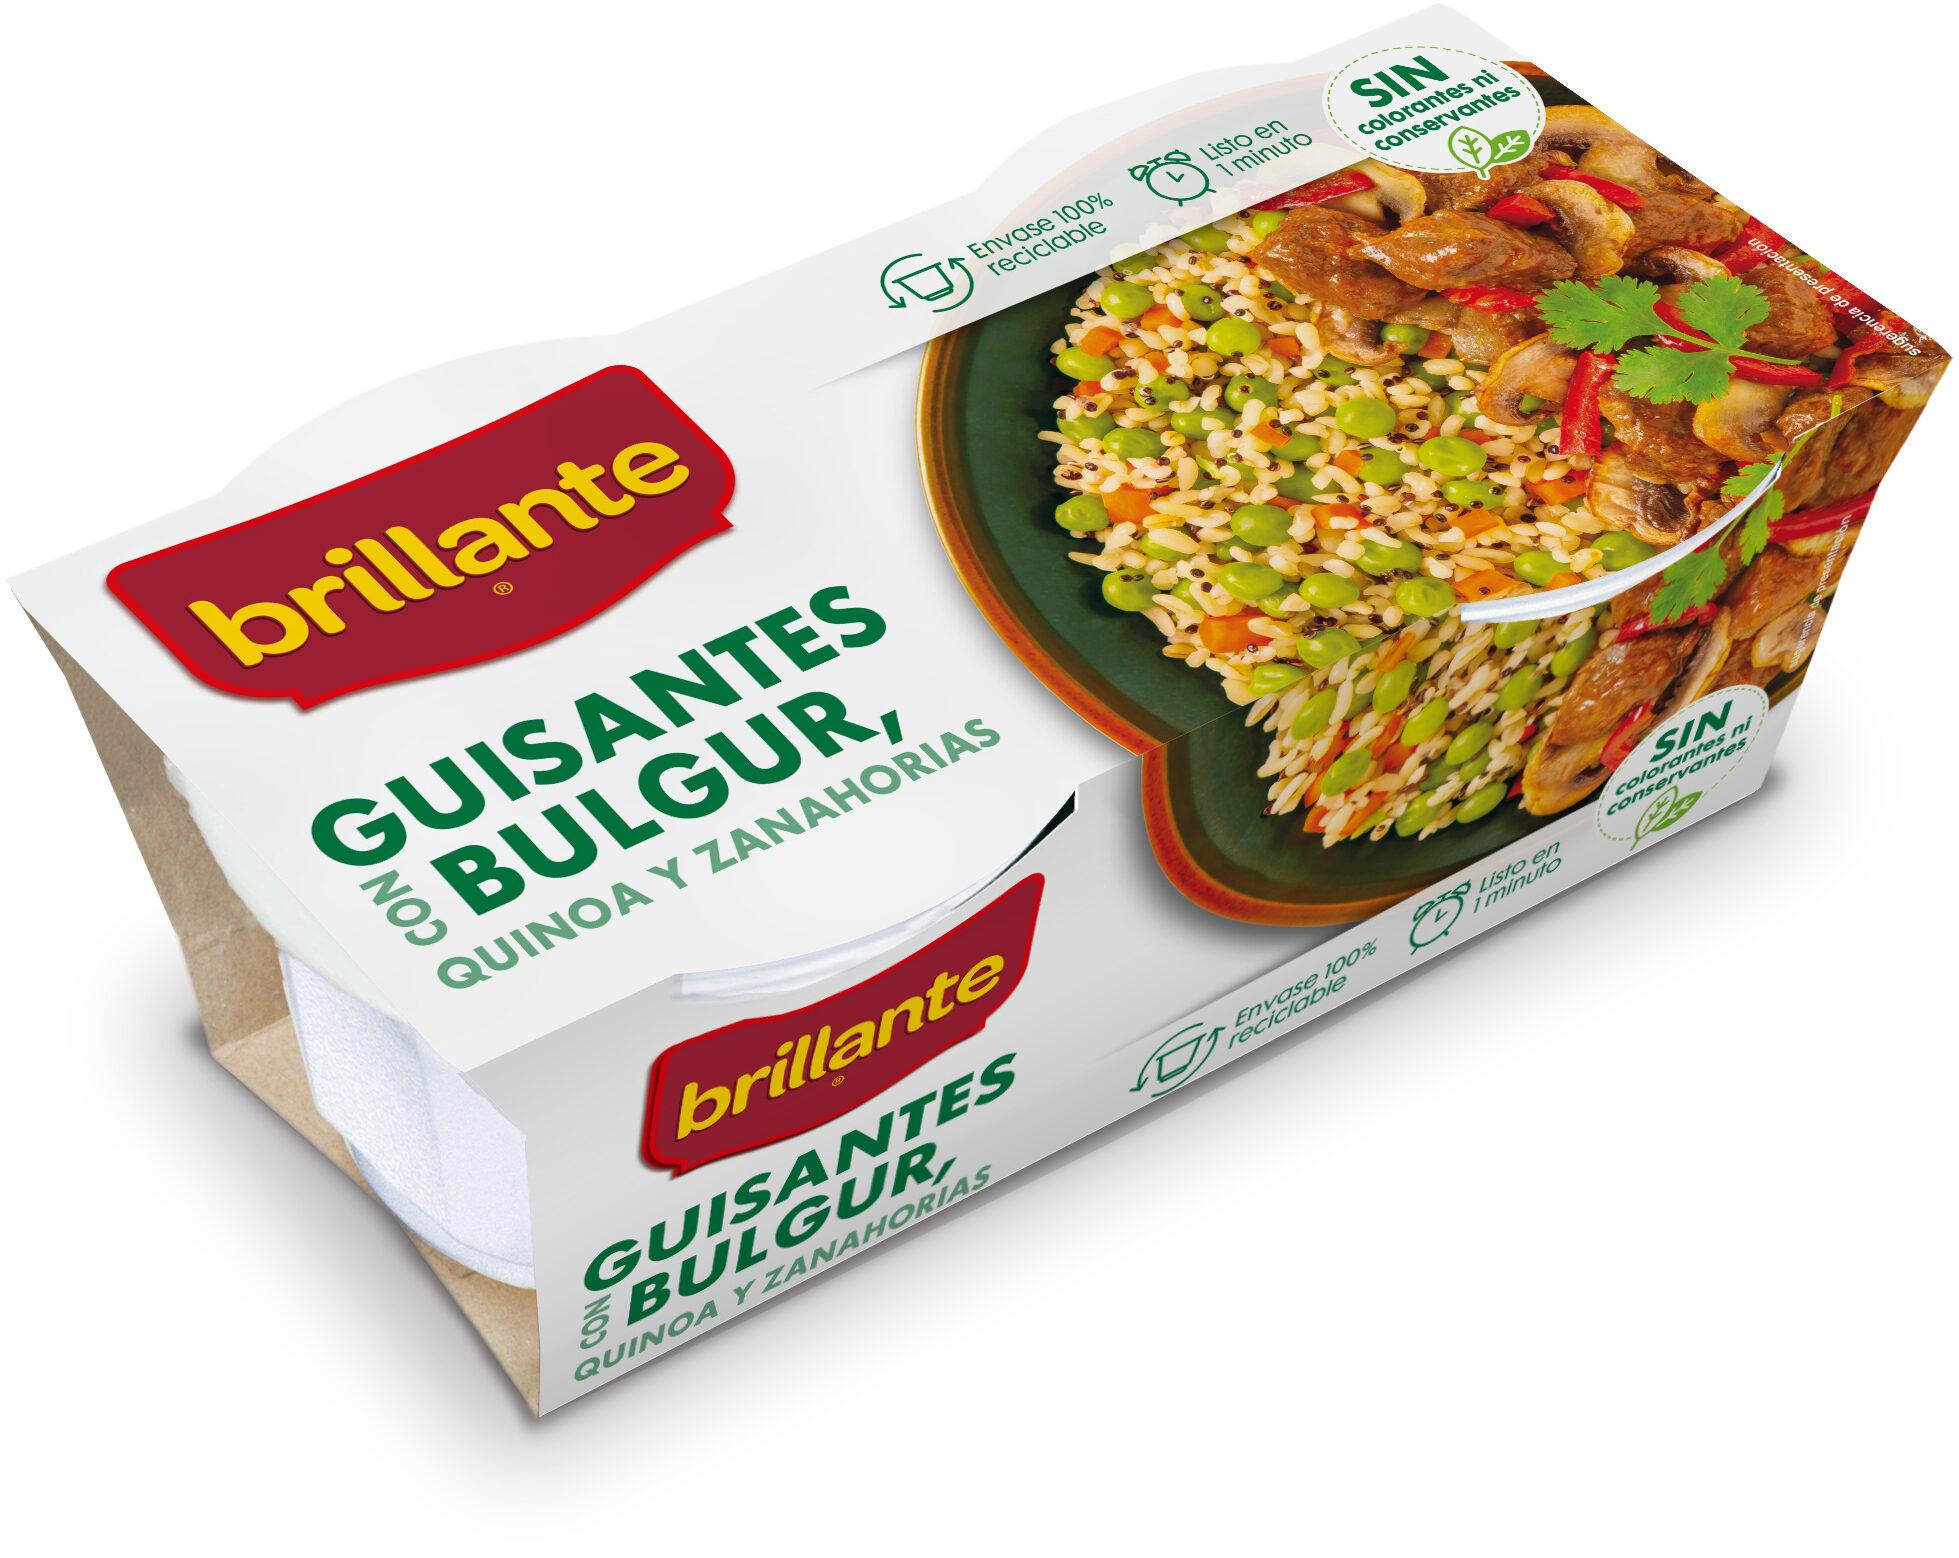 Brillante vasito de guisantes con Bulgur, Quinoa y Zanahorias - Producto - es